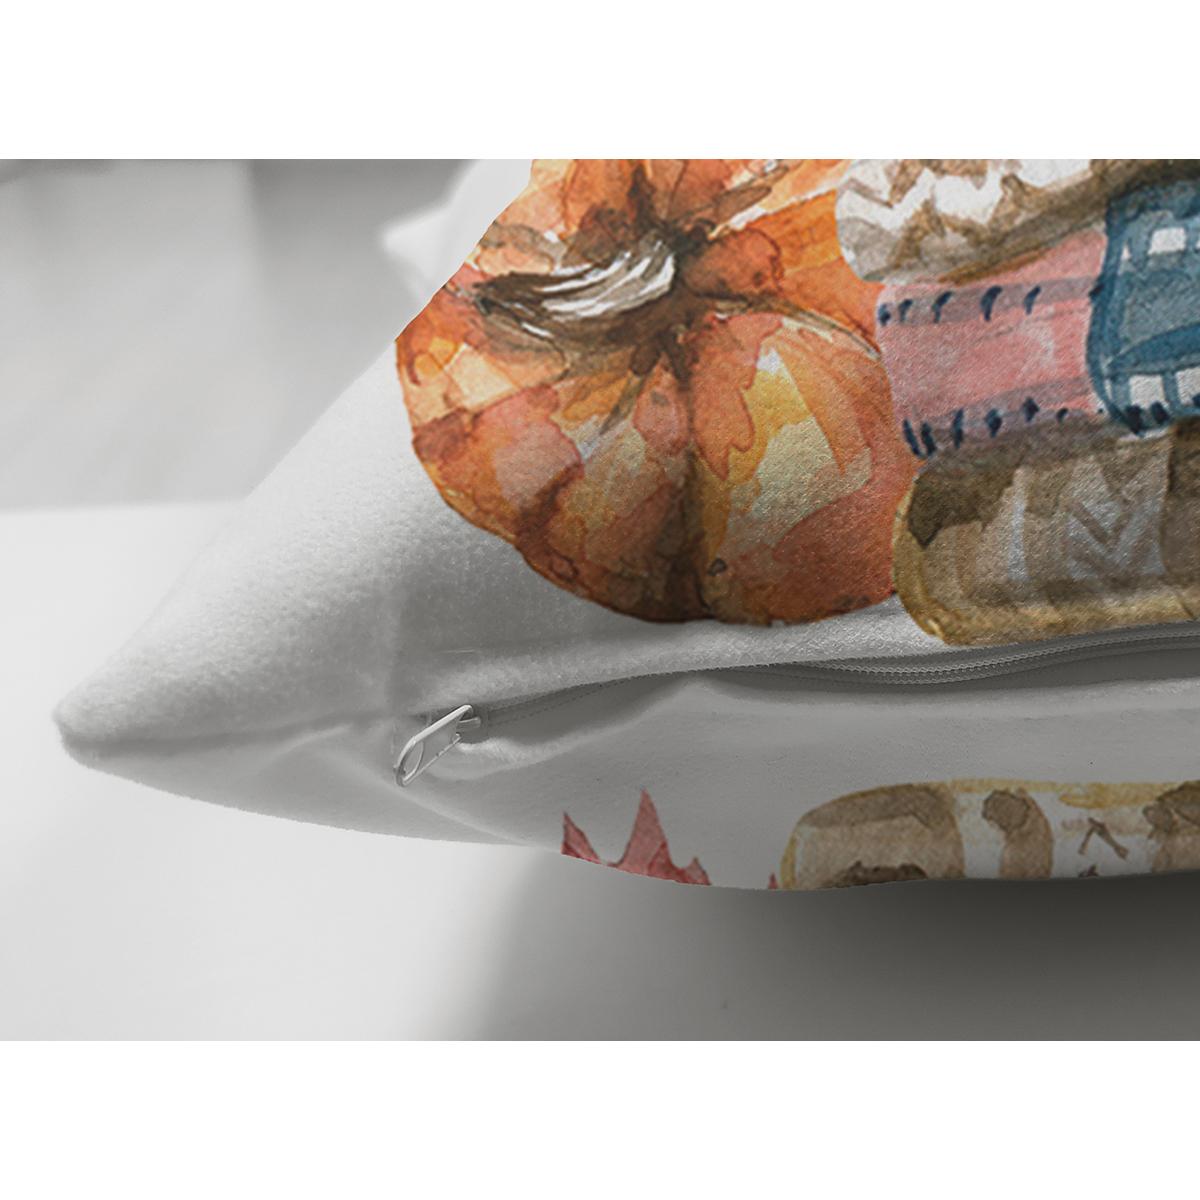 Çift Taraflı Beyaz Zemin Üzerinde Sonbahar Temalı Balkabağı Desenli Süet Yastık Kırlent Kılıfı Realhomes